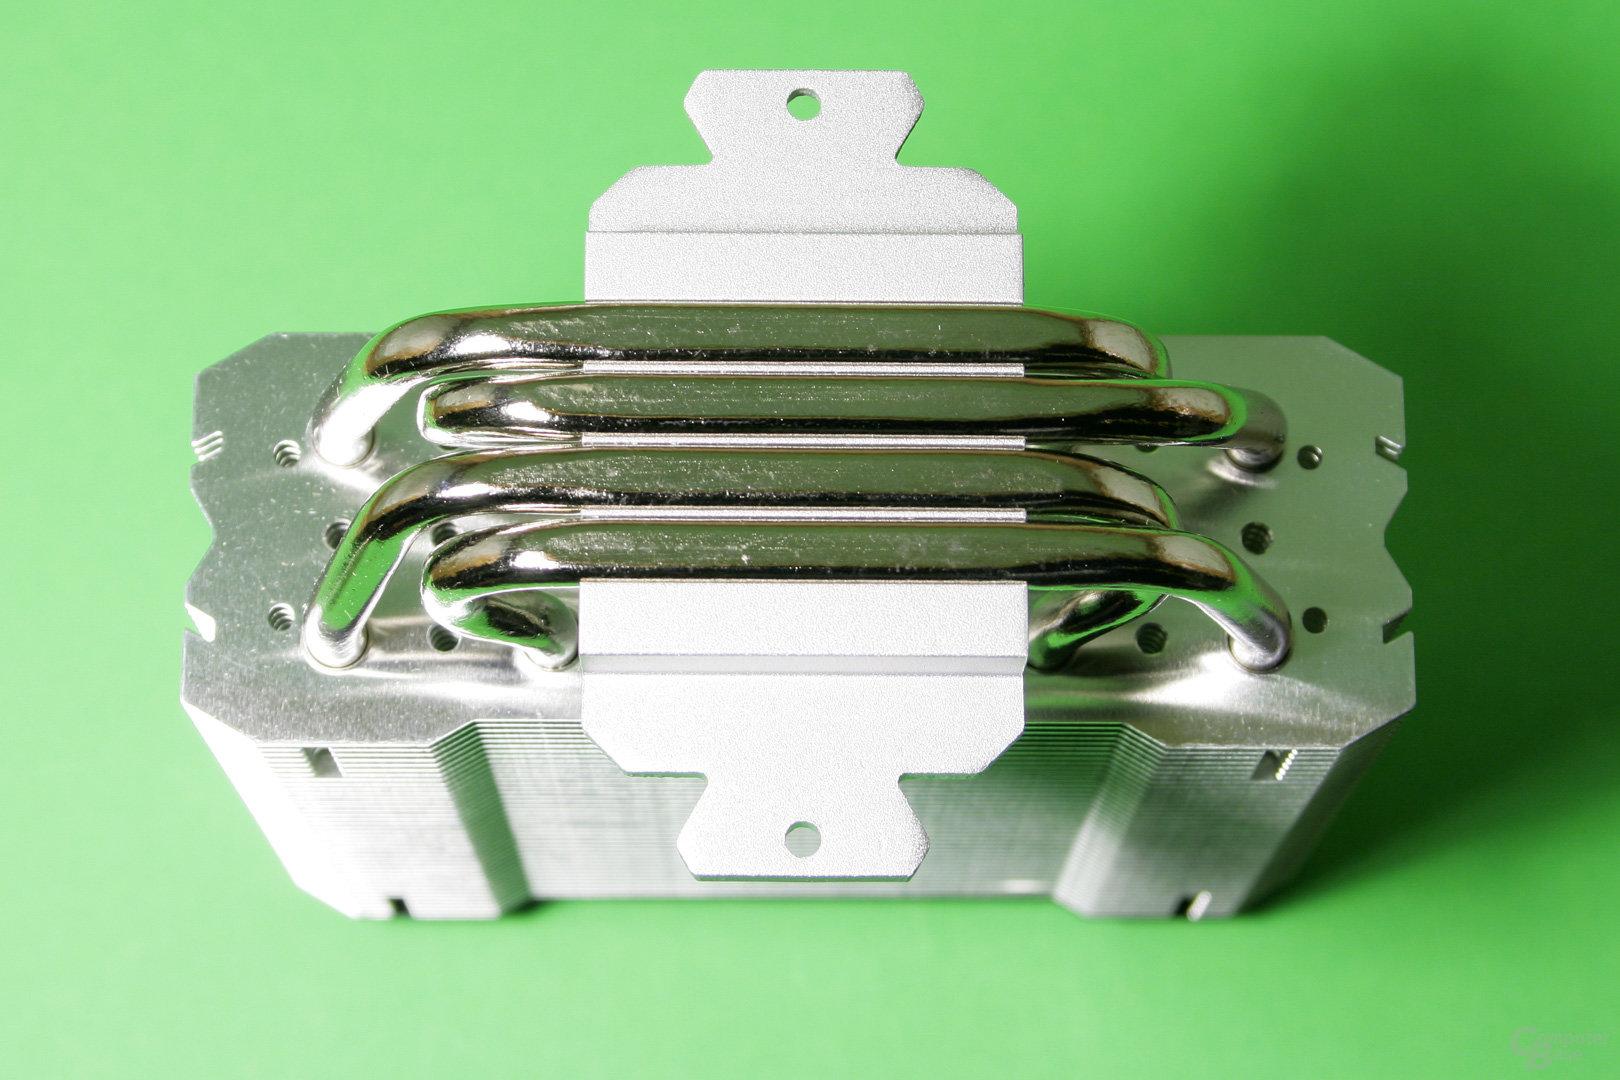 Die vier vernickelten Heatpipes behalten die silberne Farbe in der CPU-Auflagefläche bei